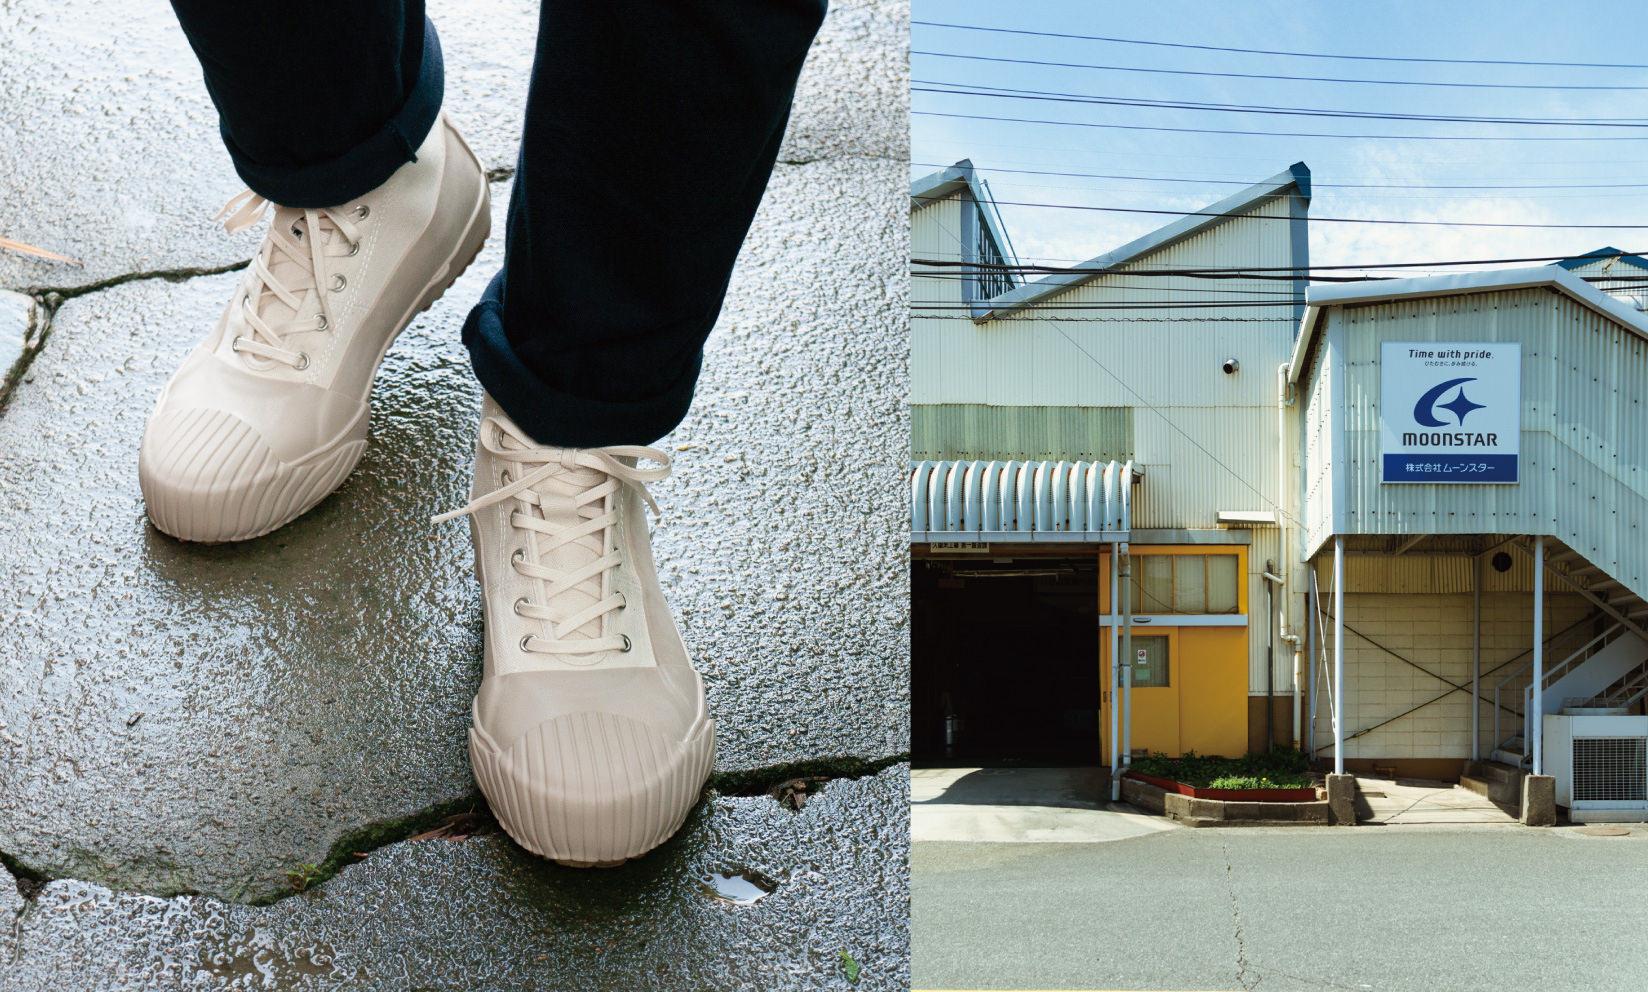 ムーンスター / ゴム加工技術を有した国産ゴム靴メーカー (福岡県久留米市)